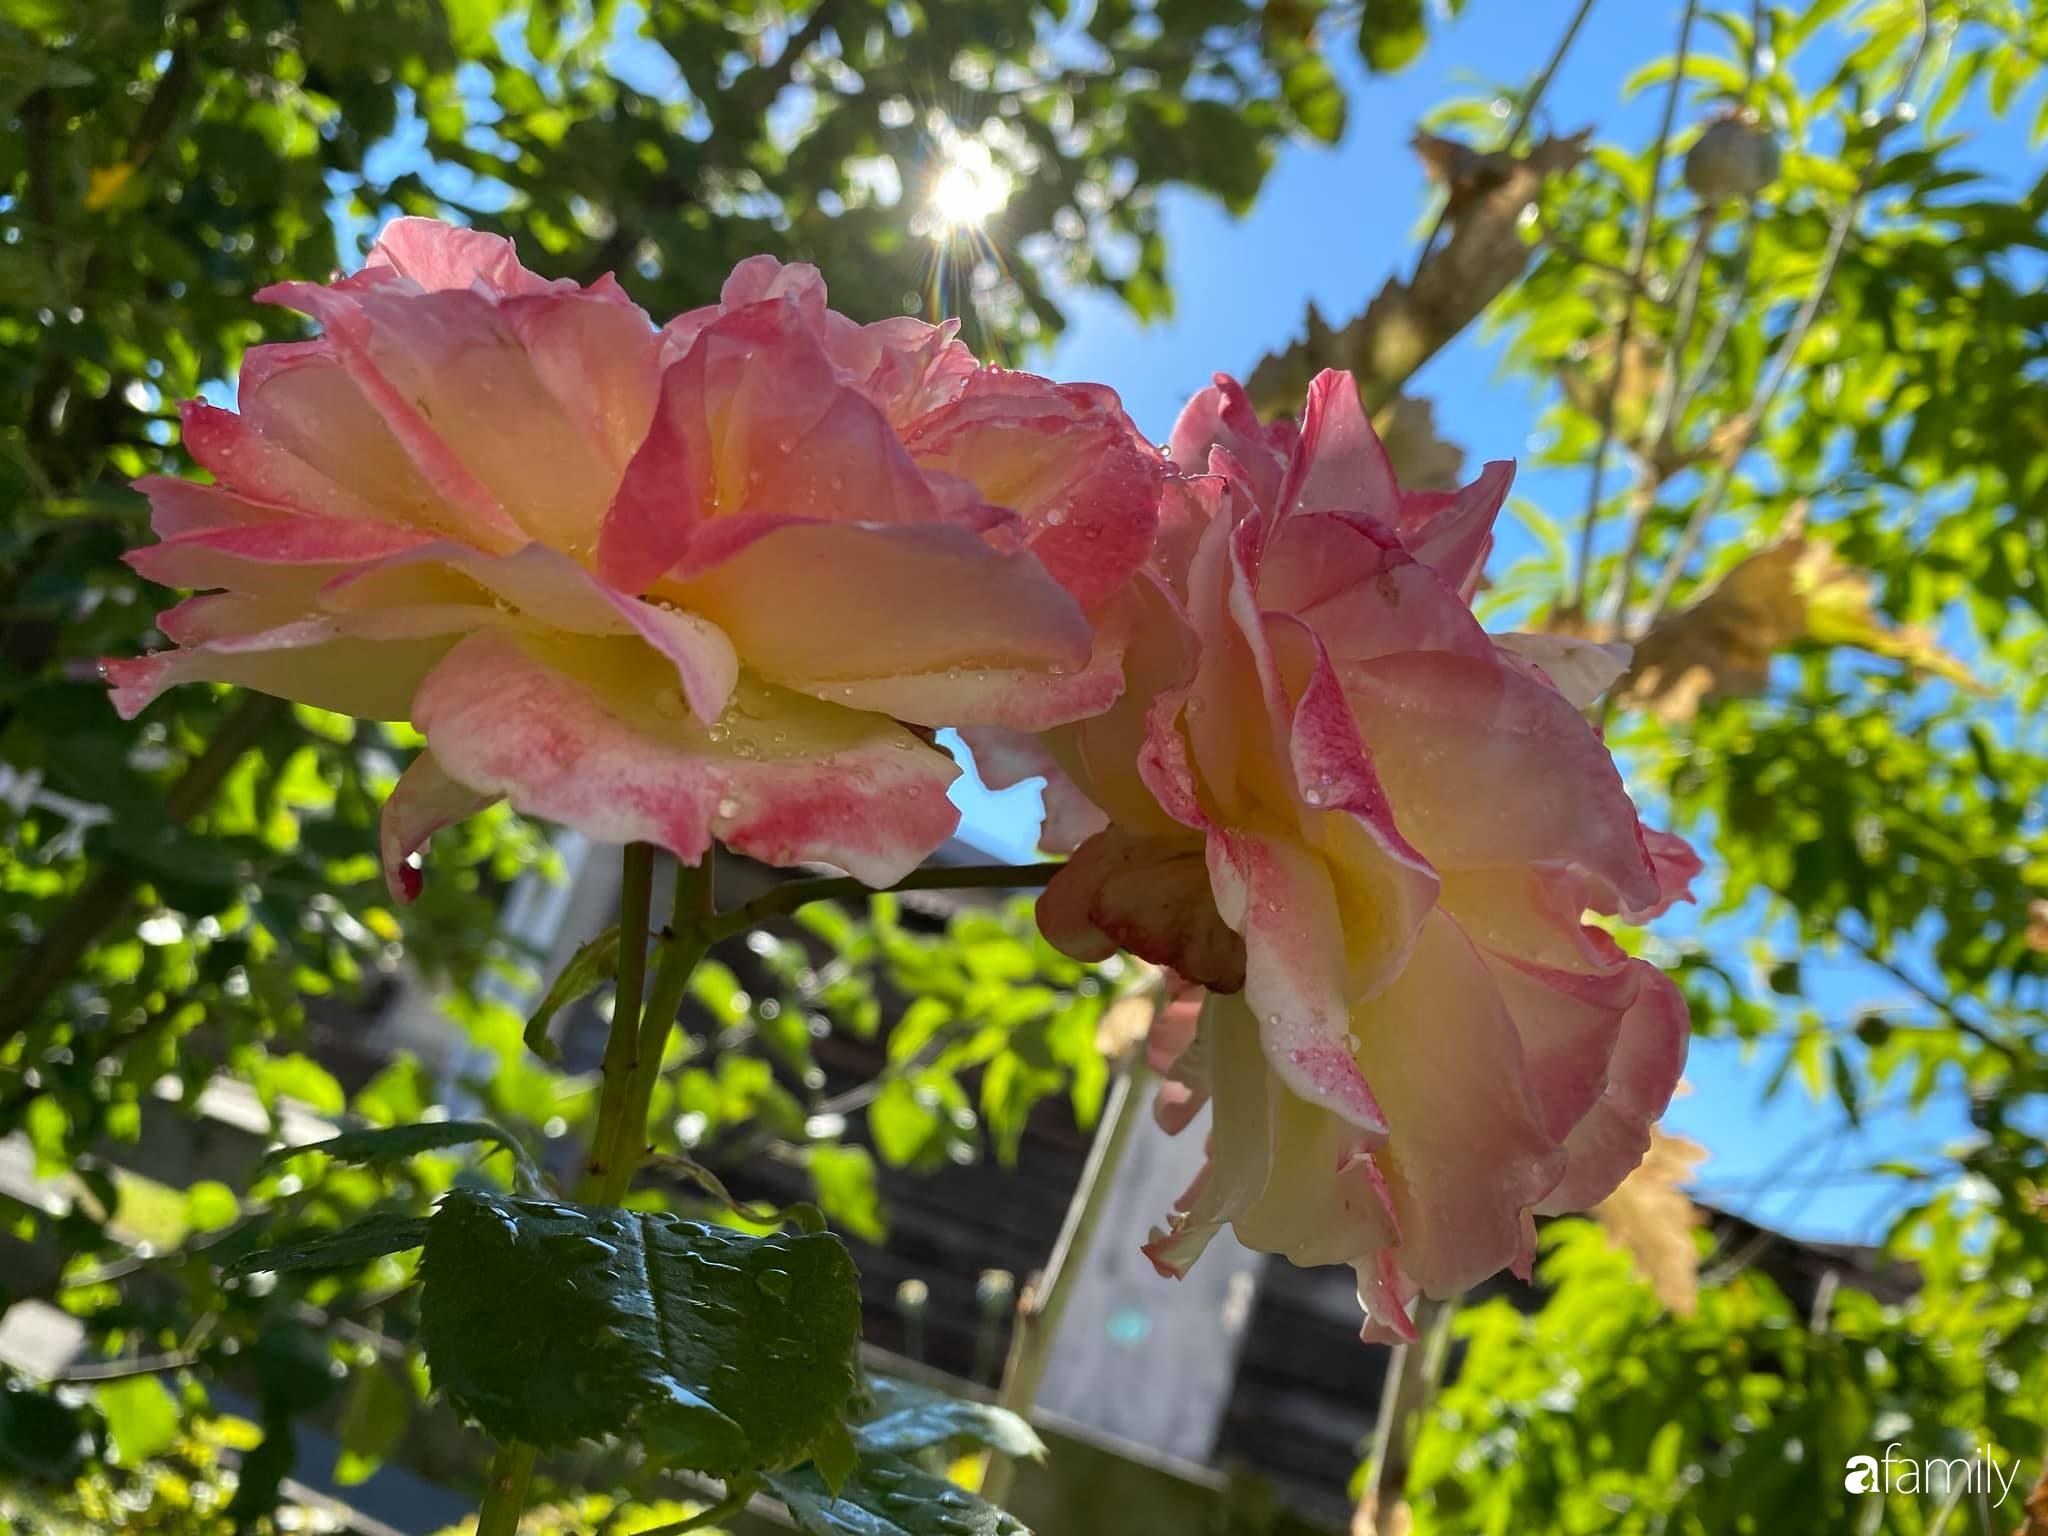 Khu vườn 200m² quanh năm xanh tươi với đủ loại rau quả sạch của mẹ Việt ở Đức - Ảnh 3.